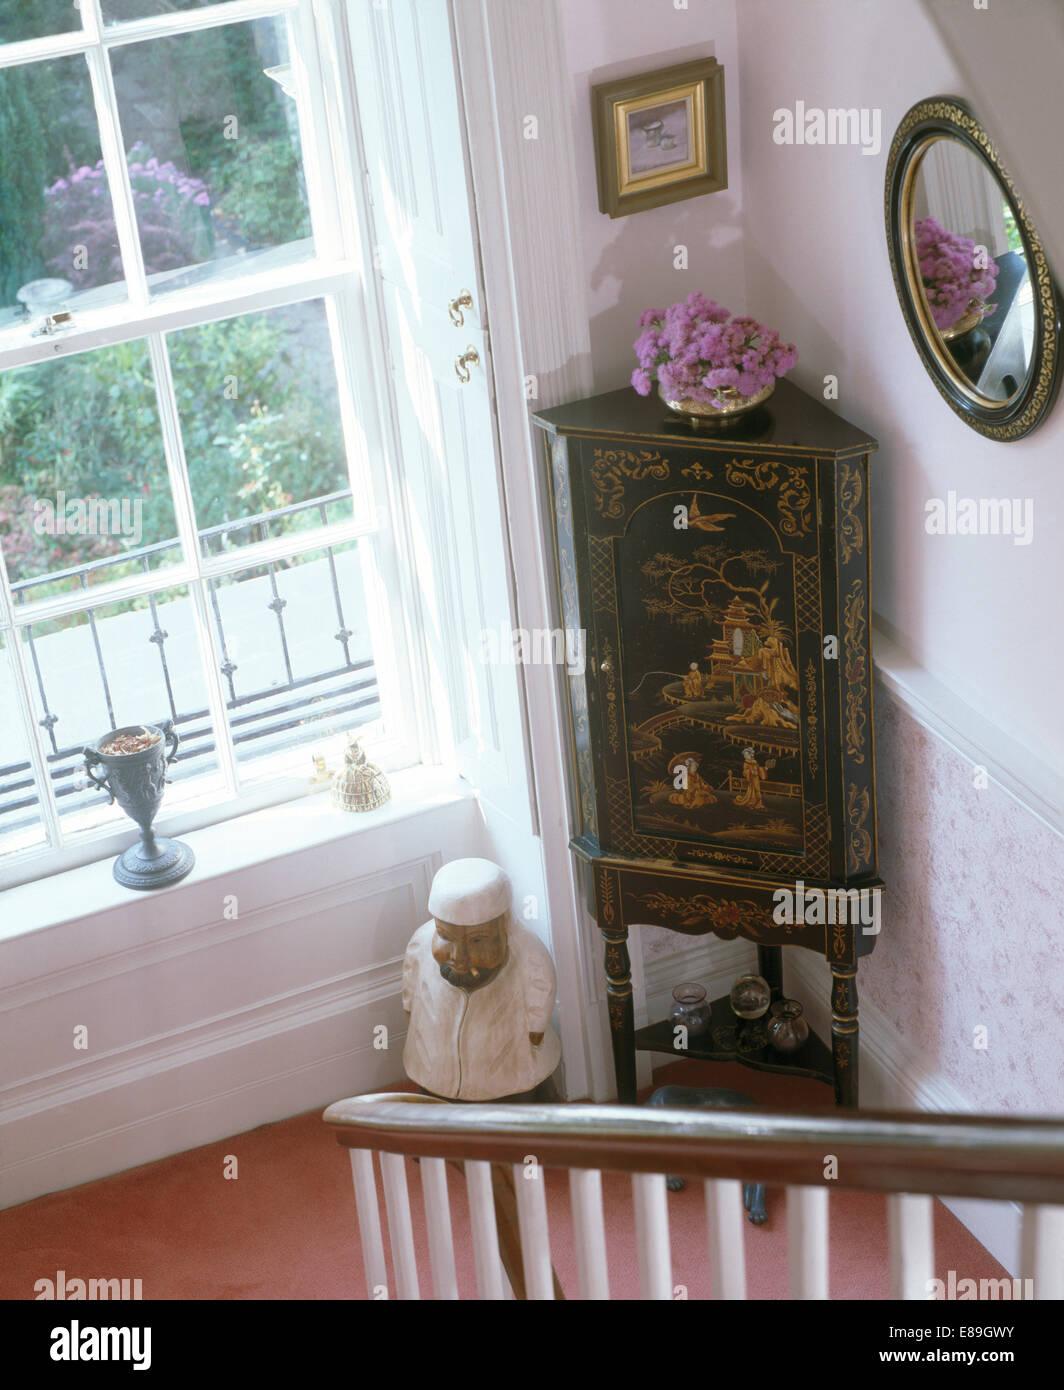 Antike orientalische Ecke Schrank Besidew Fenster auf kleinen Flur ...